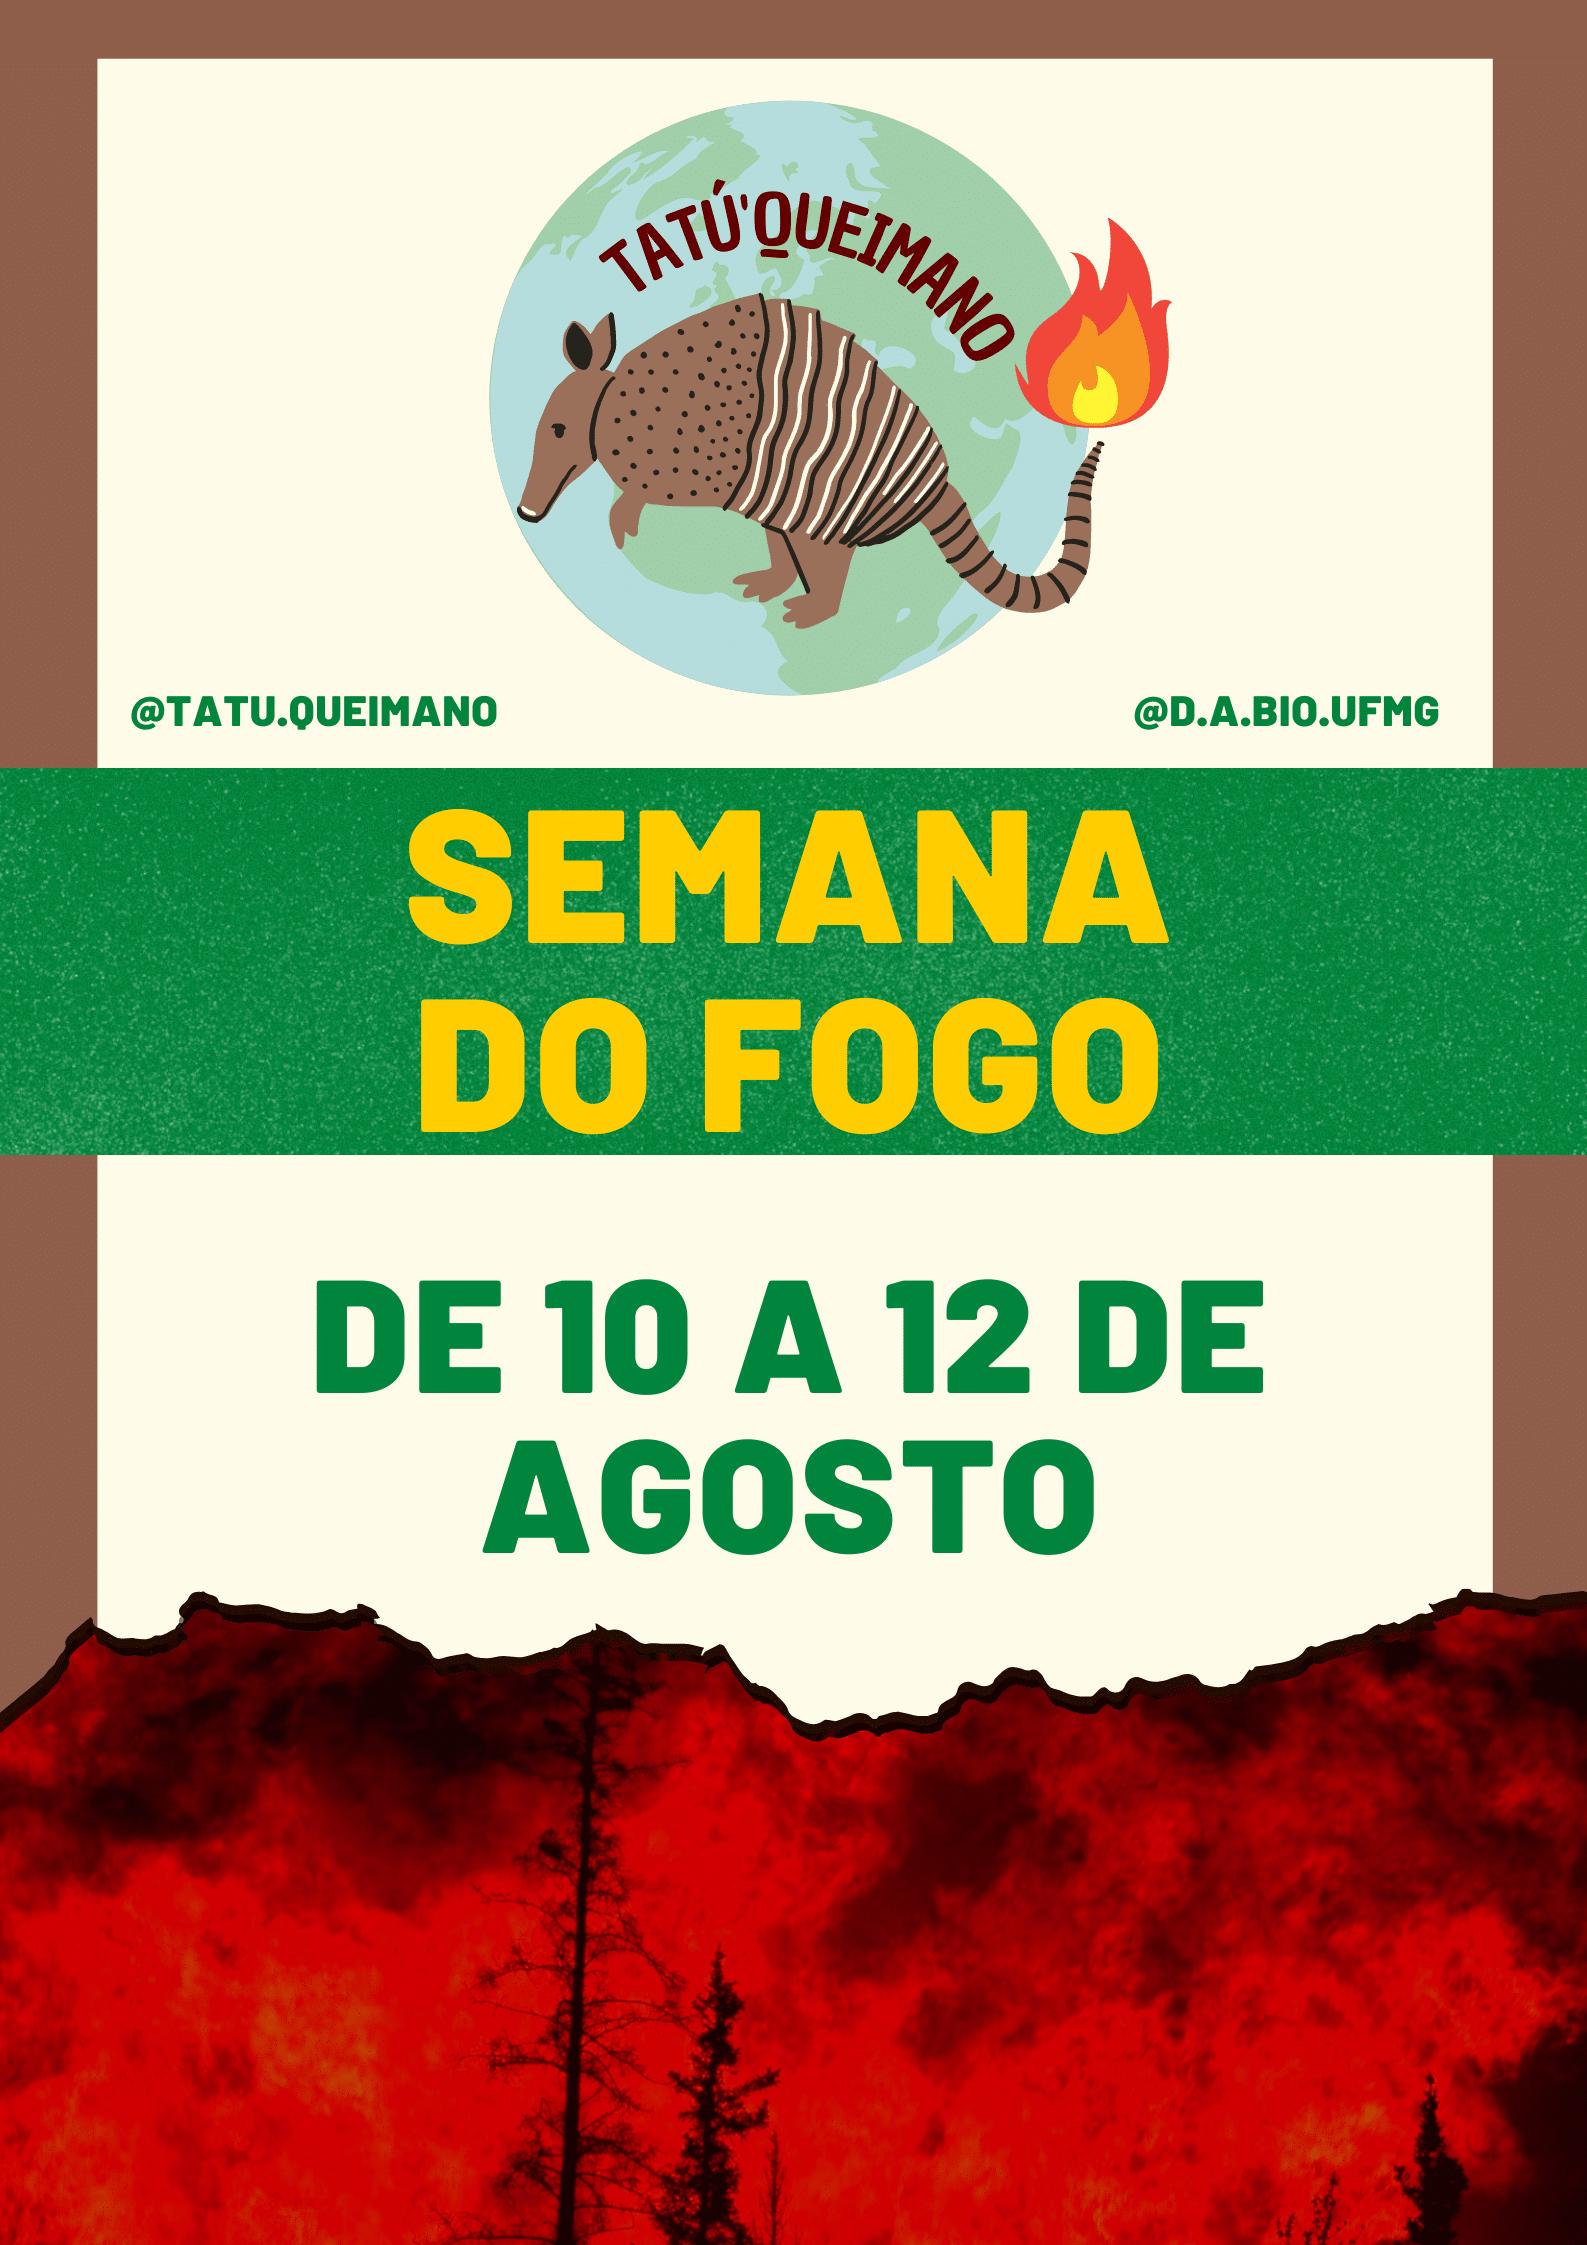 semana_do_fogo_ufmg